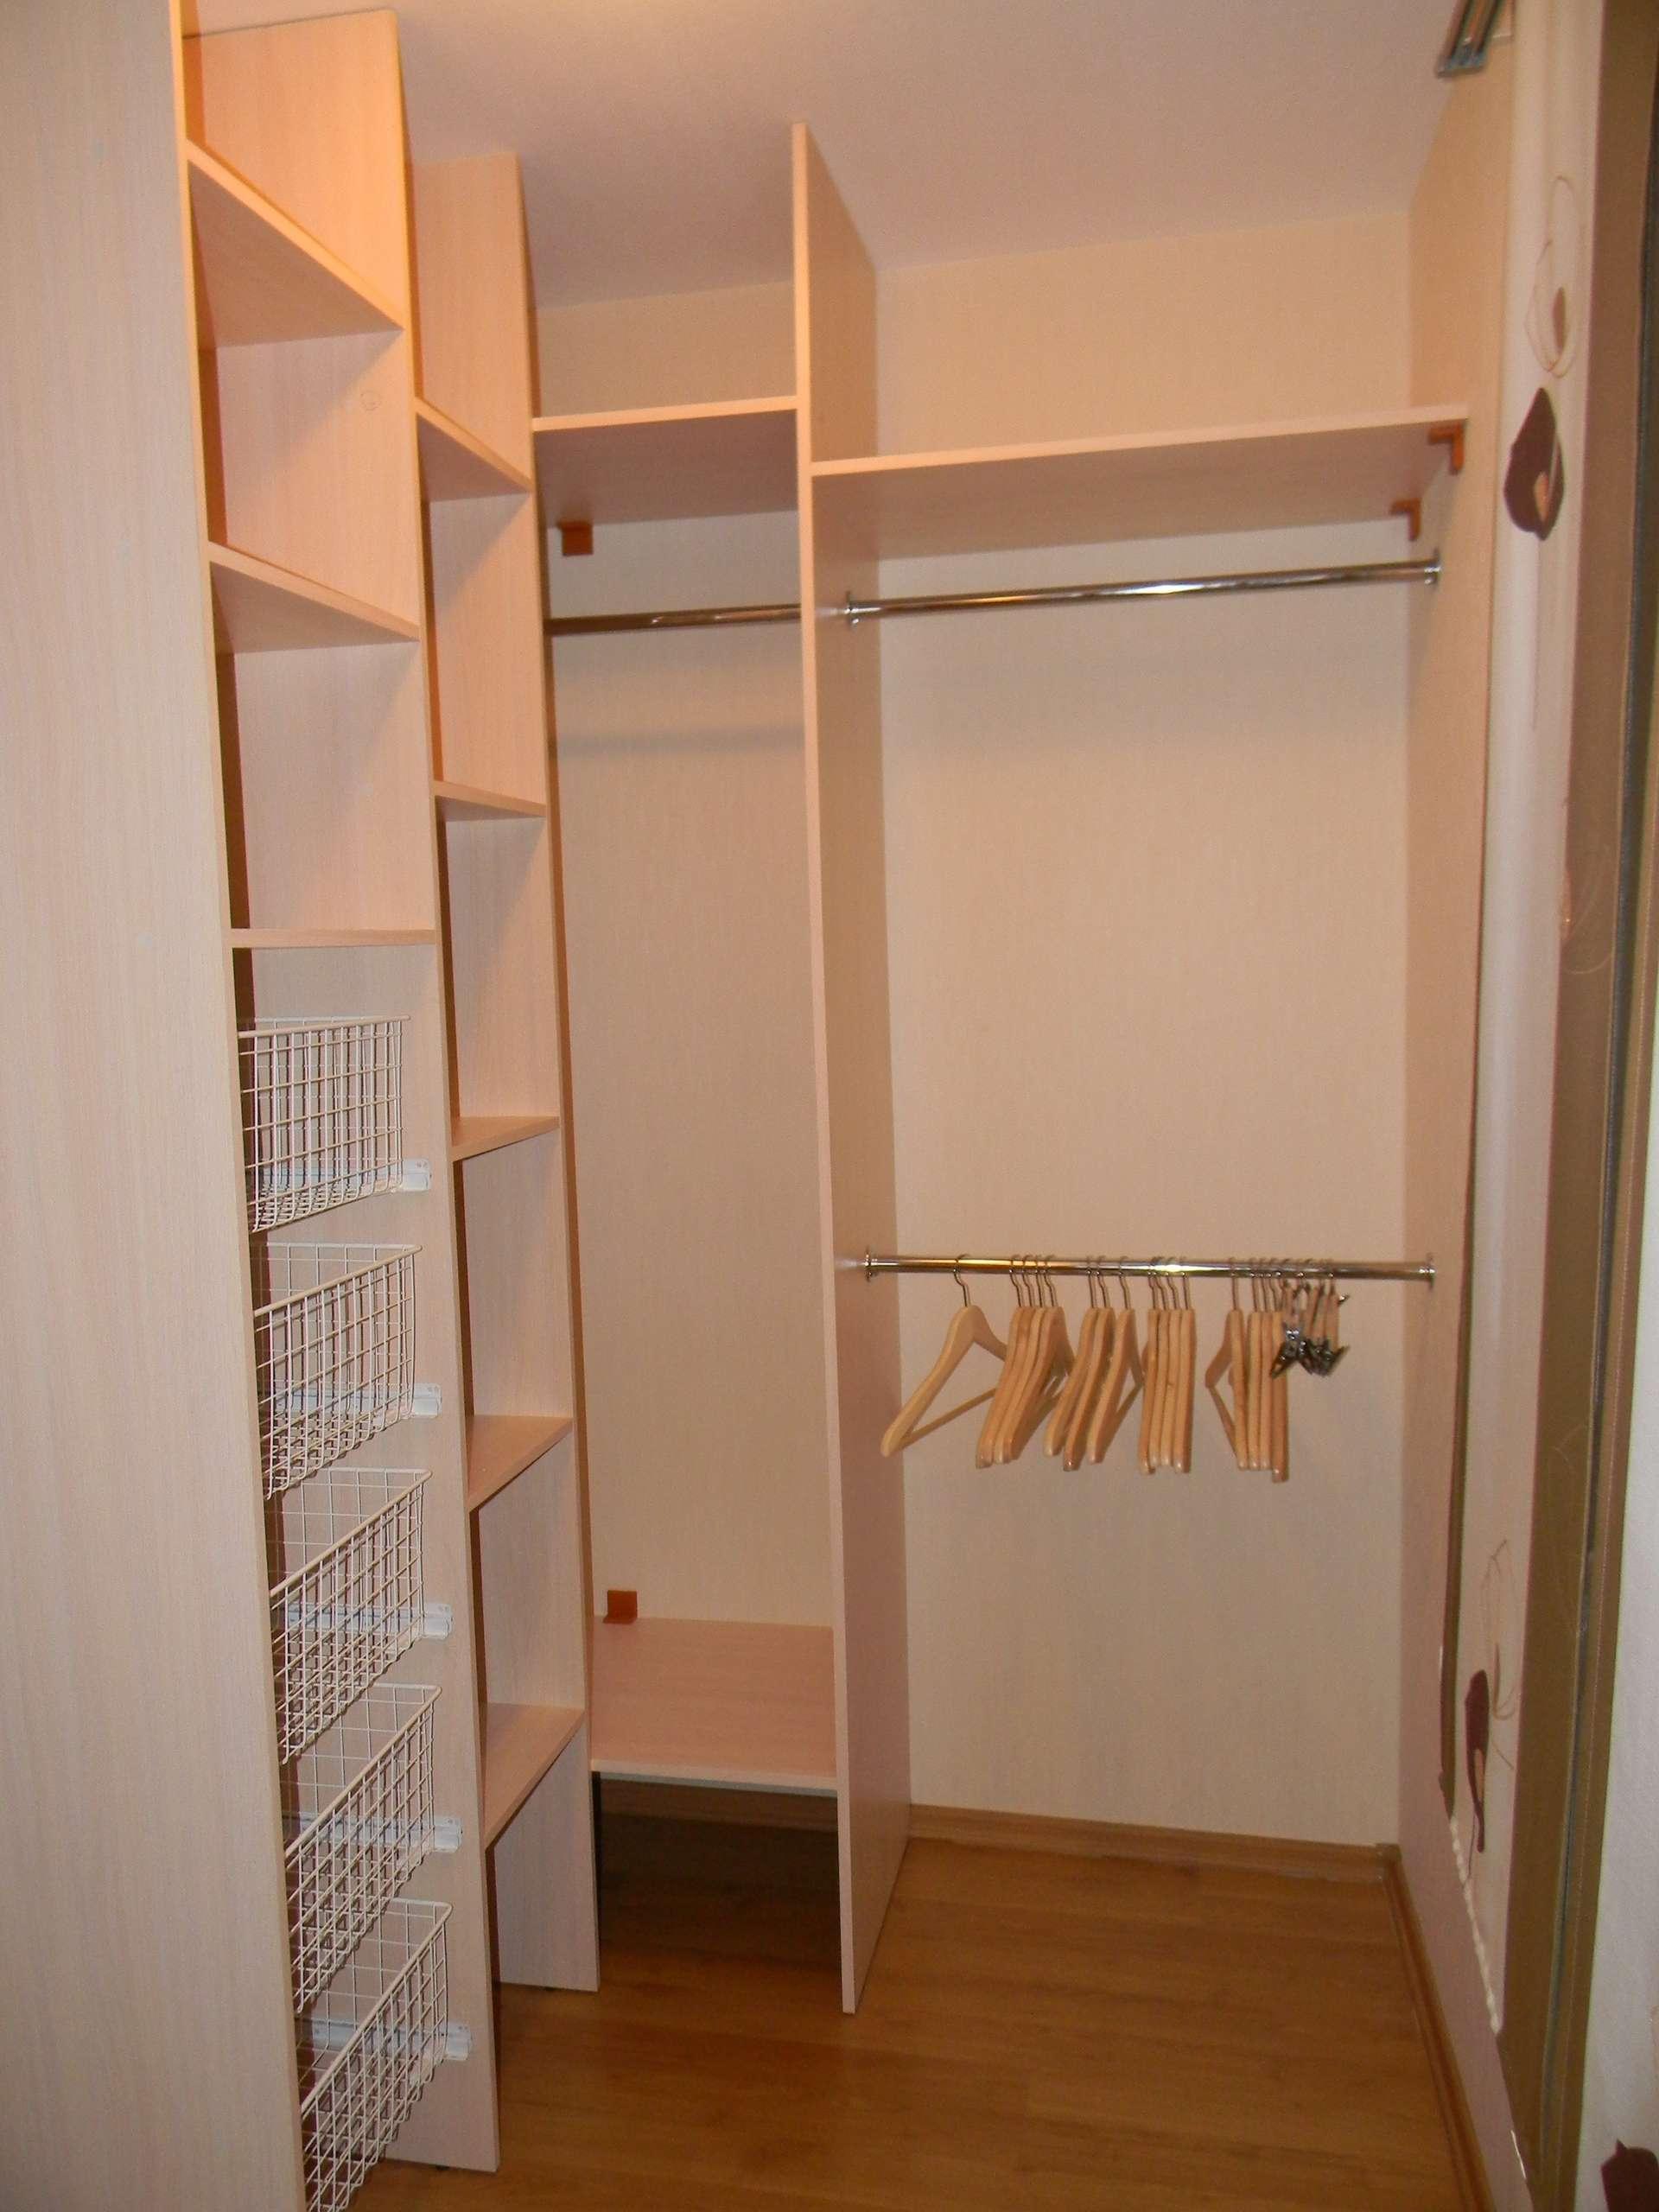 """Компактная гардеробная комната"""" - карточка пользователя zuen."""